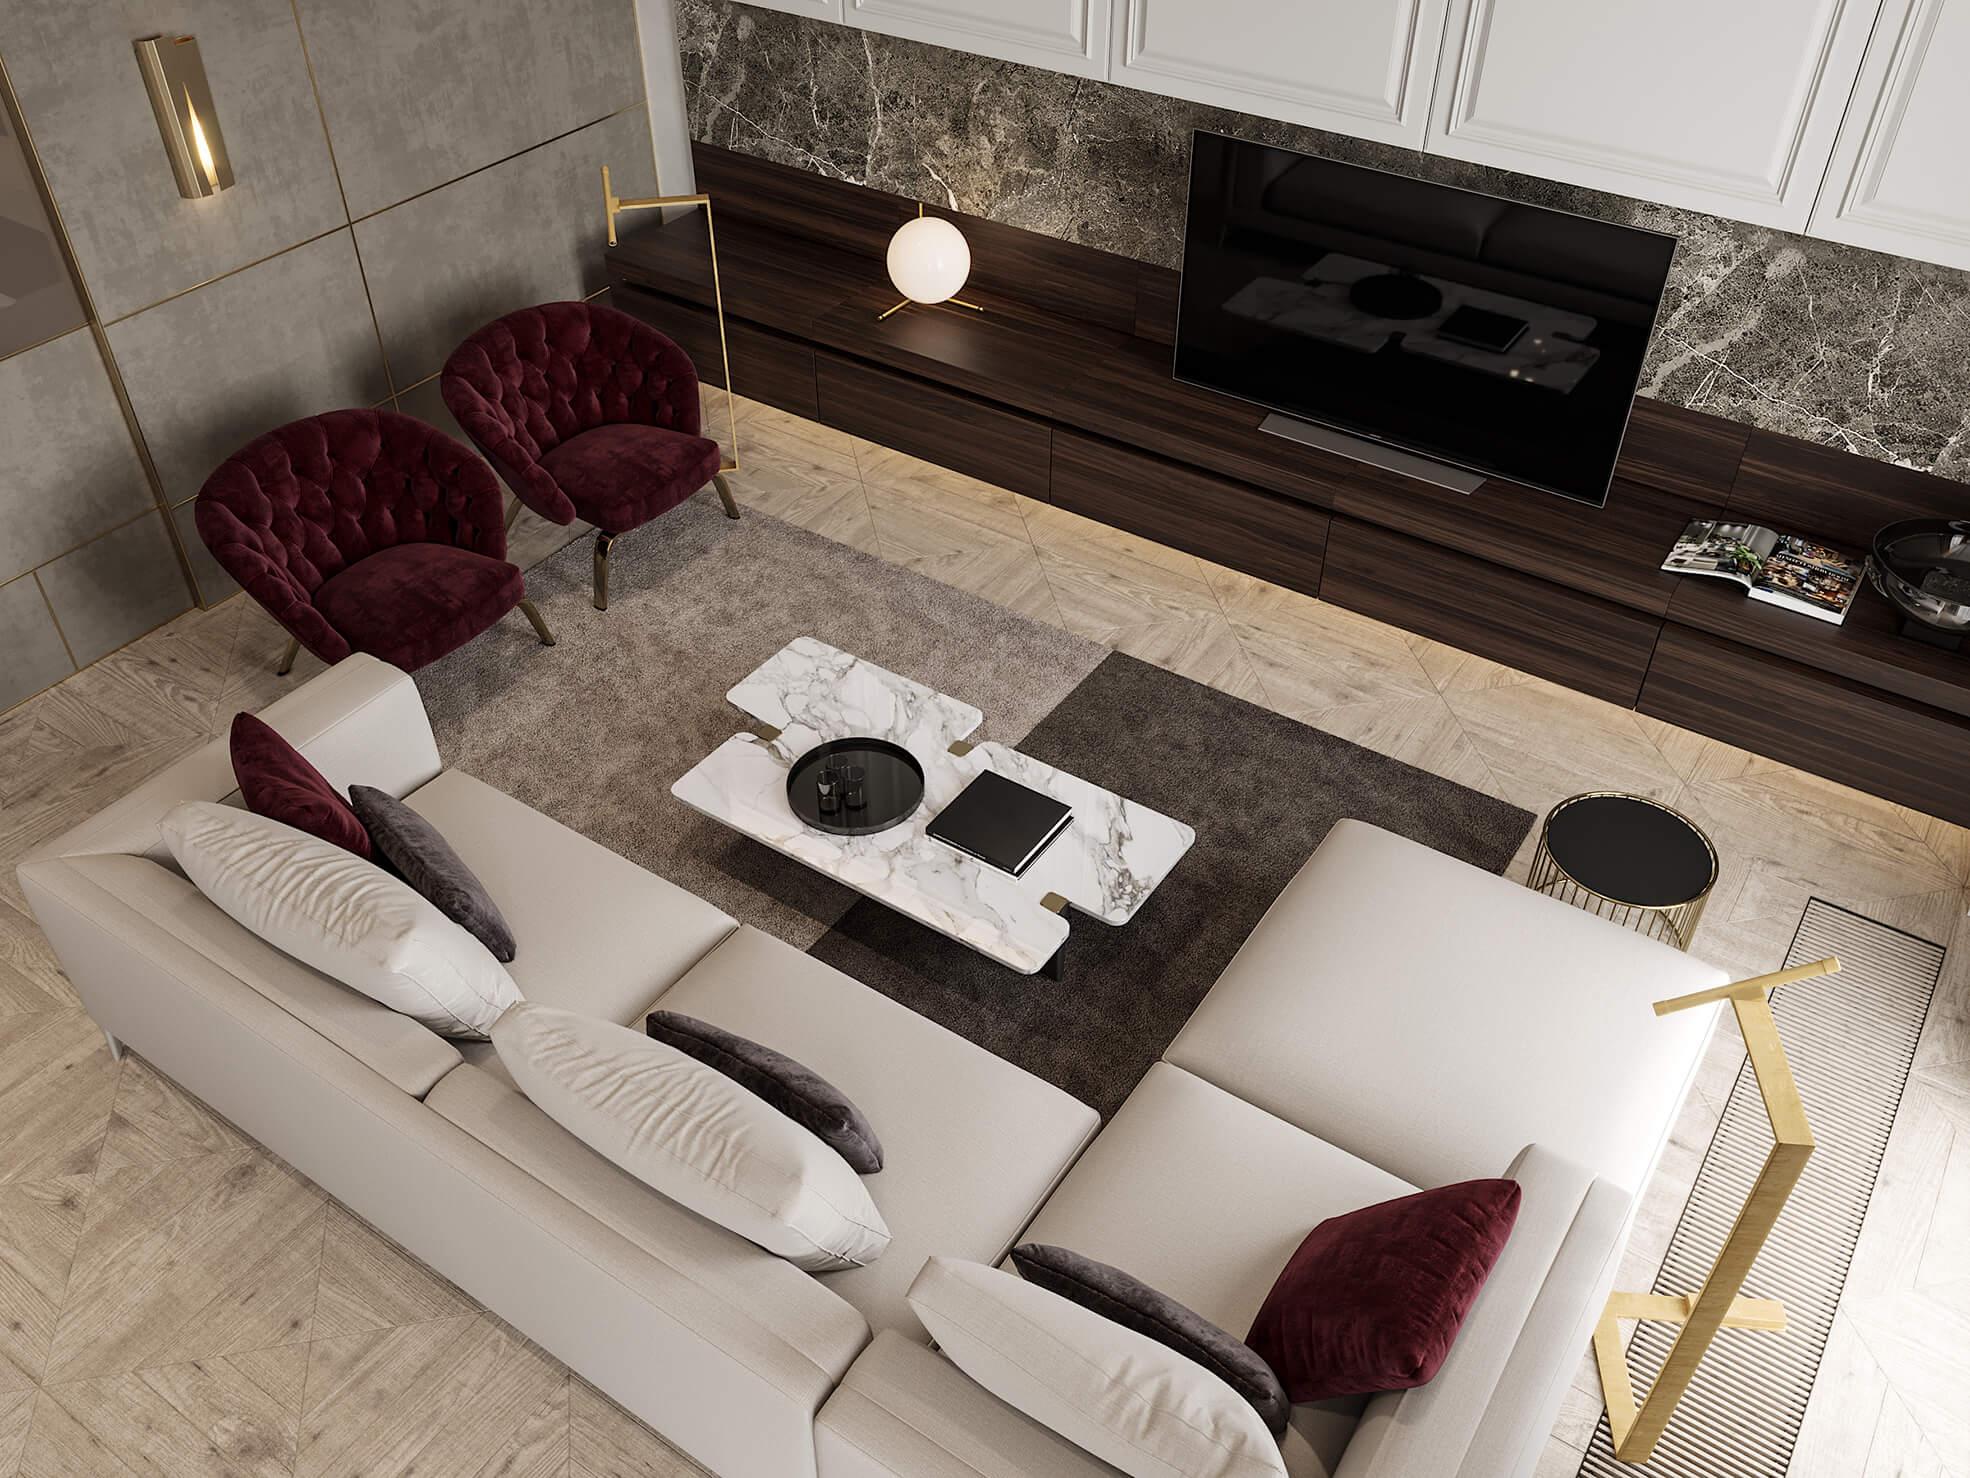 phong cách thiết kế nội thất nhà chung cư đẹp nhất hiện nay 8